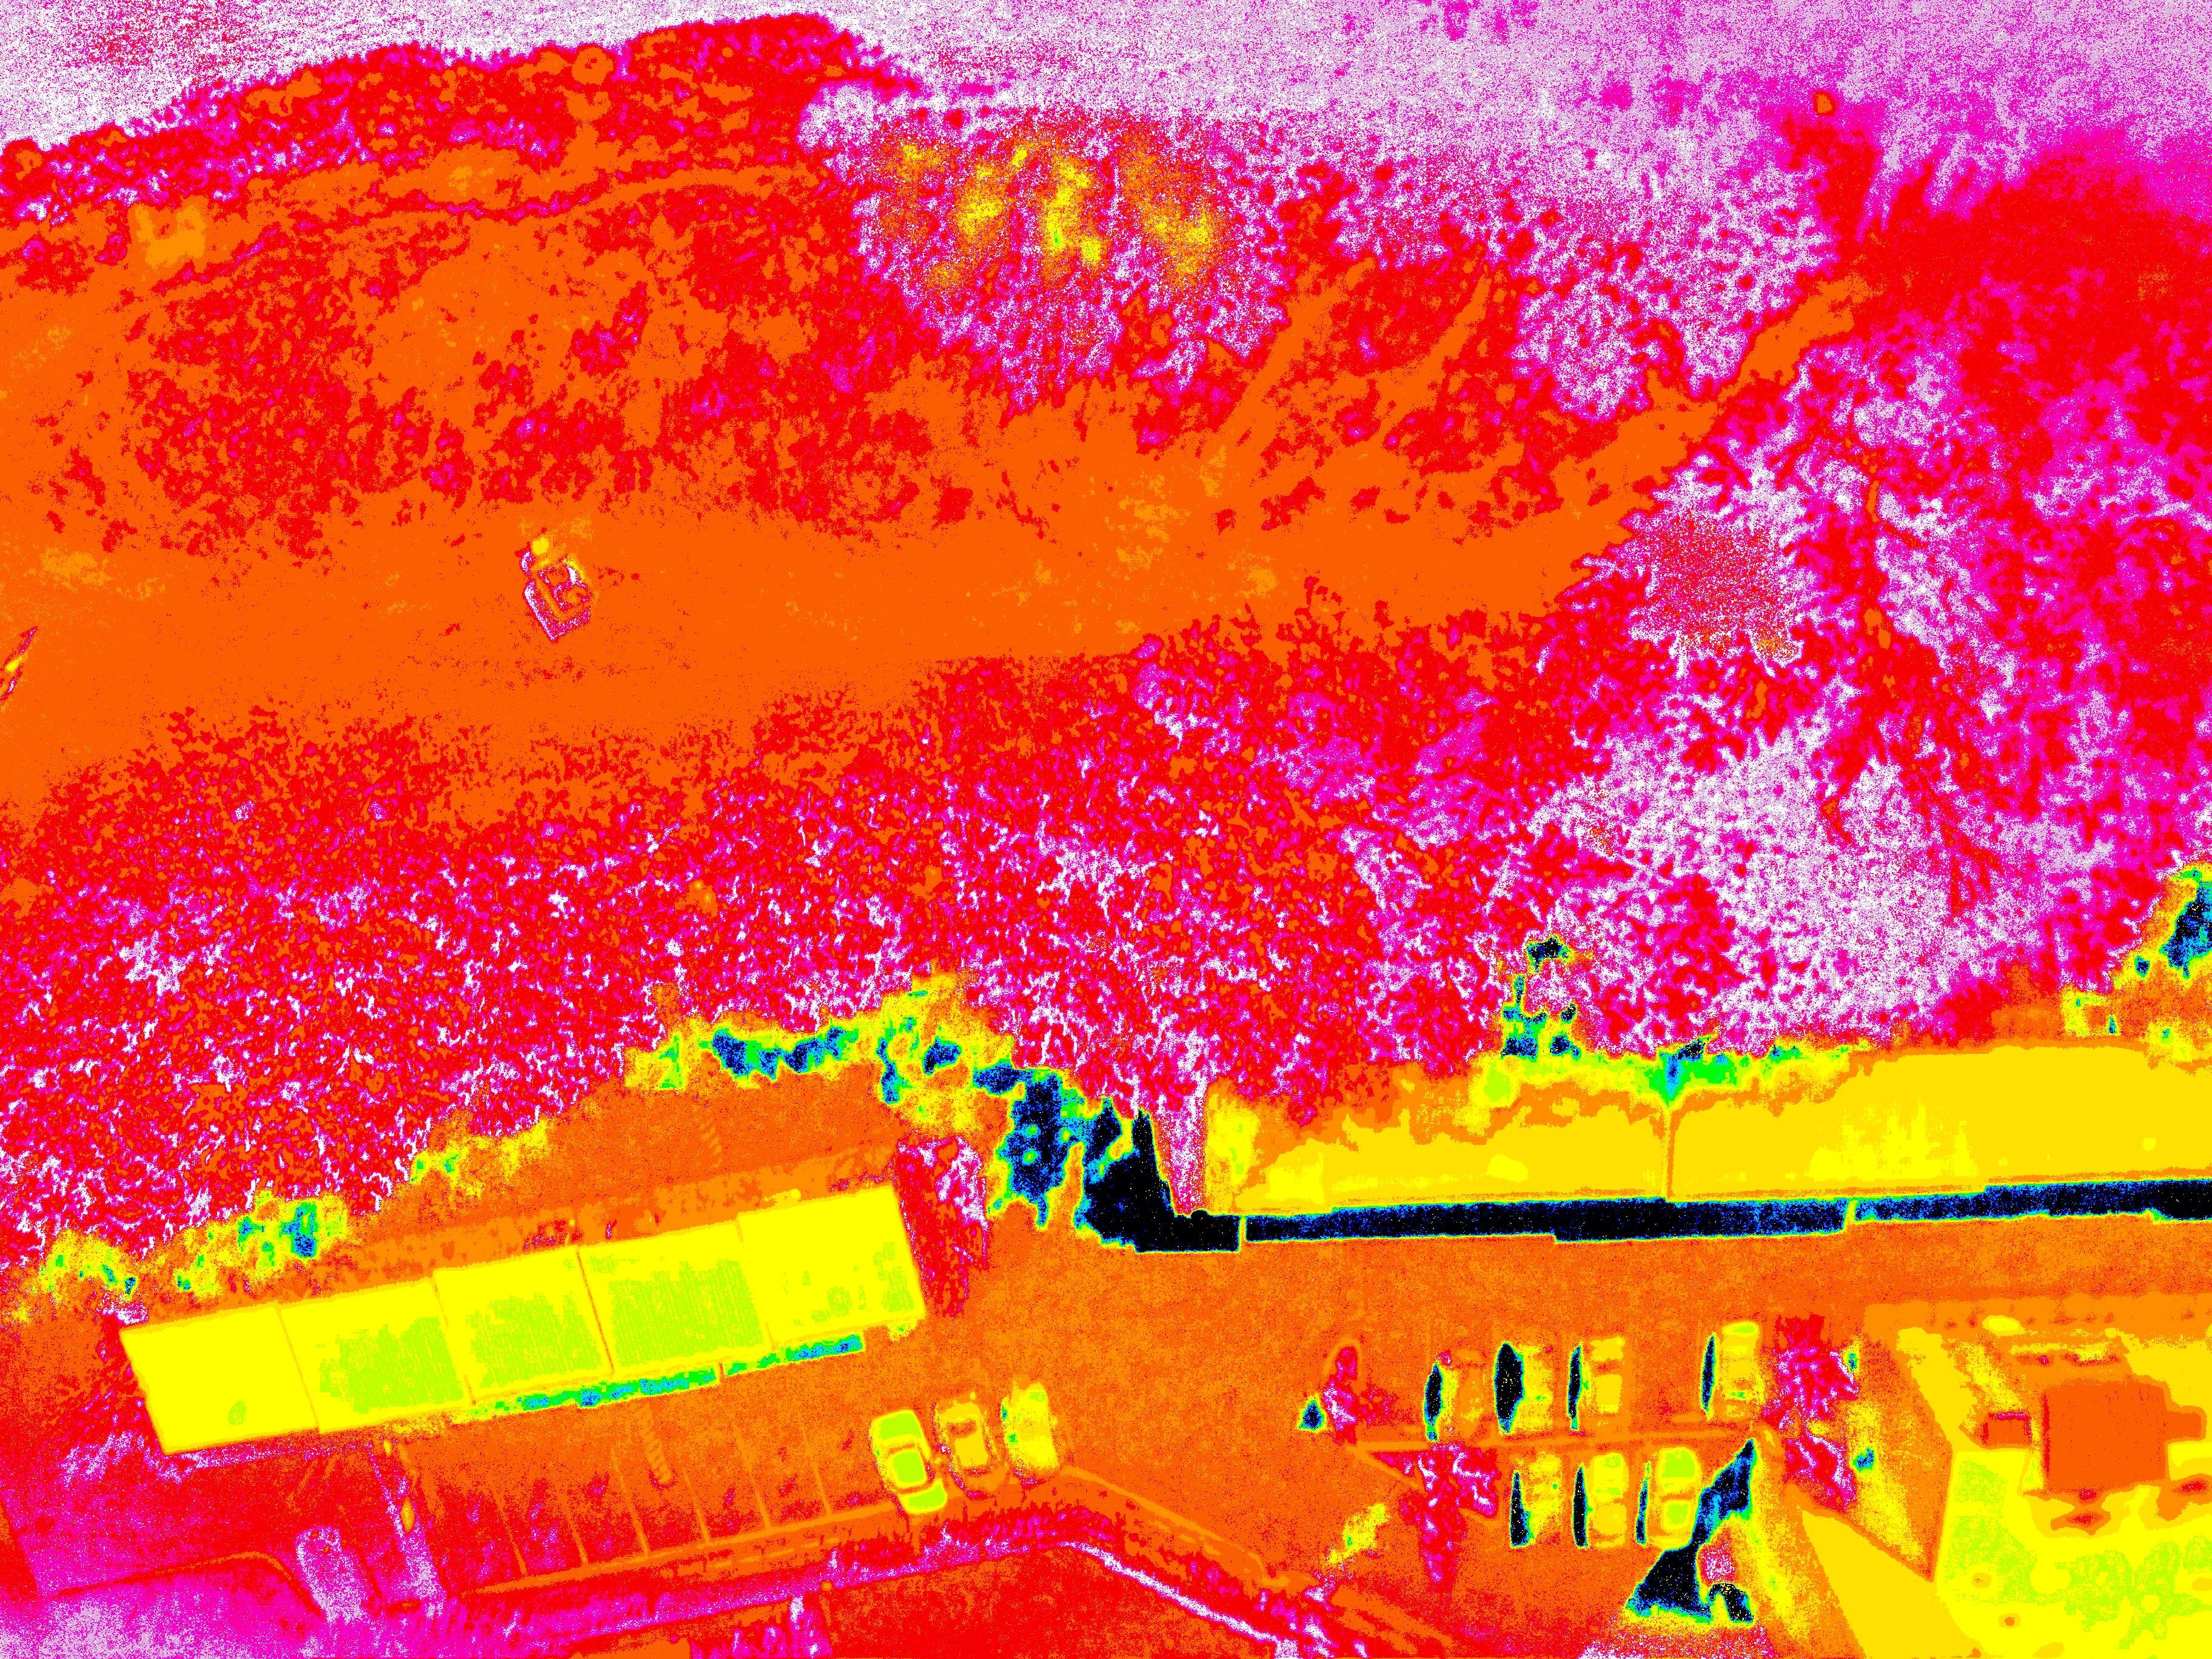 infragram-map-near-mocho-park-livermore-ca